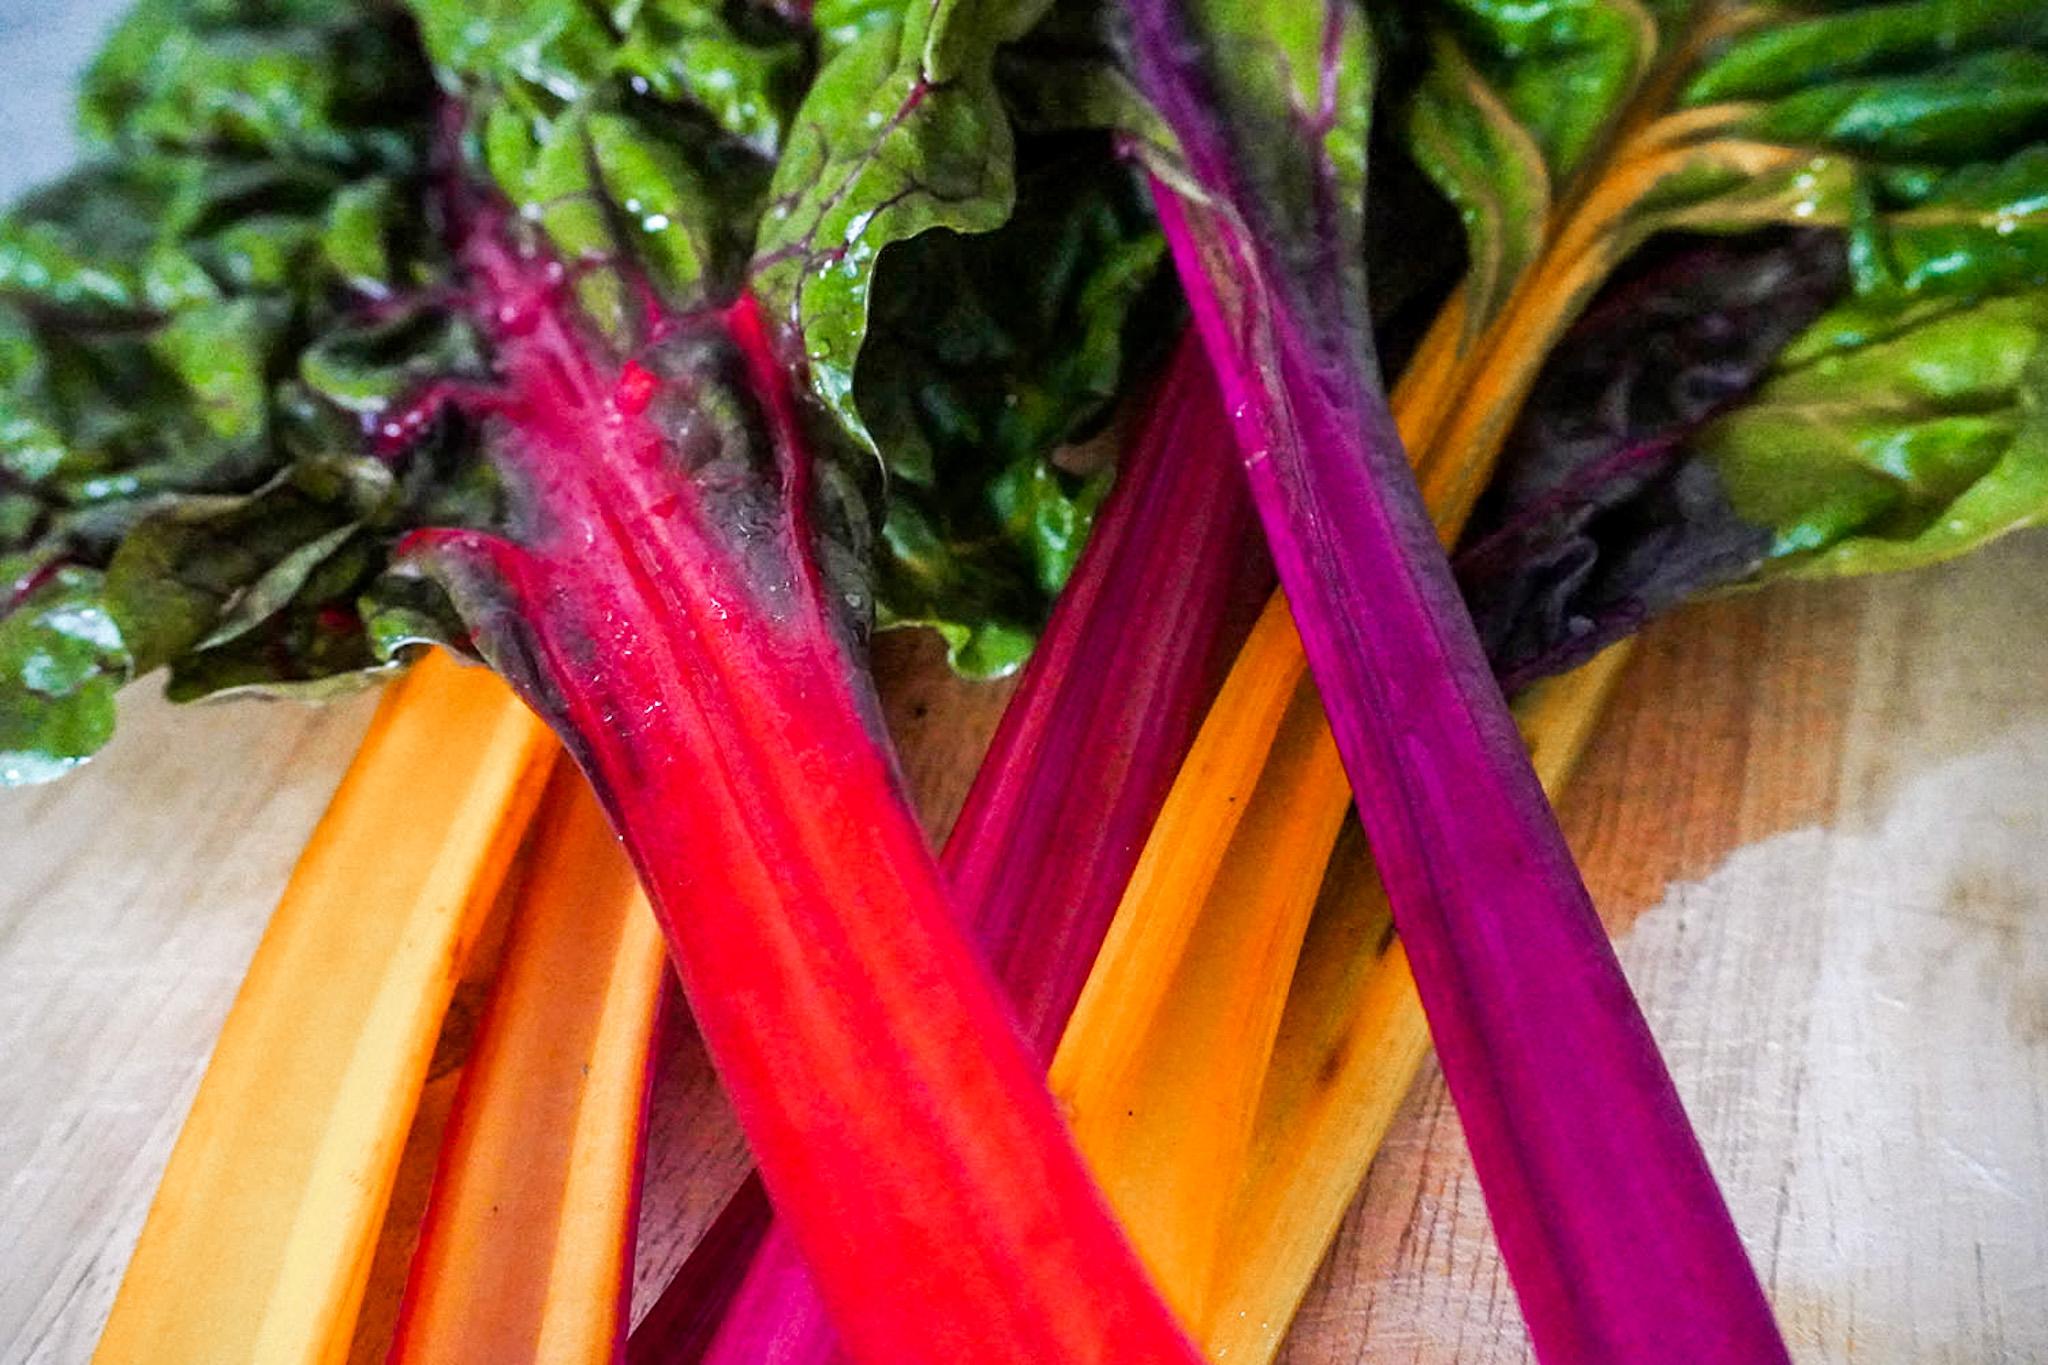 Vegane Ernährung kann so bunt sein, wie dieser Bright Lights Mangold, der mit seinen gelben, roten und pinken Stielen für gute Laune sorgt.